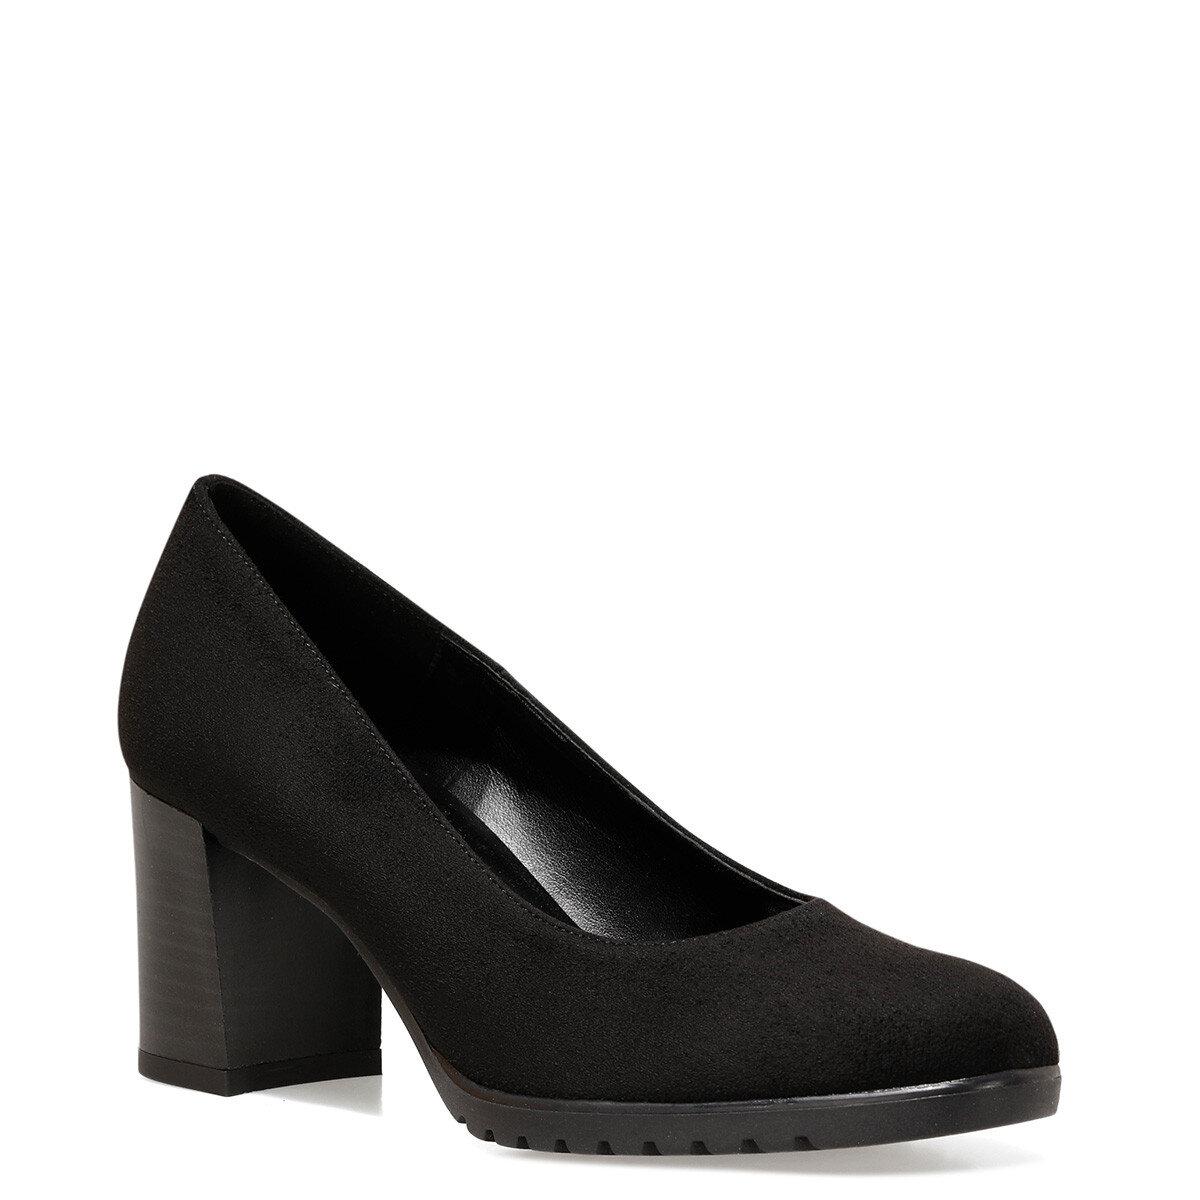 PVENS Siyah Kadın Klasik Topuklu Ayakkabı